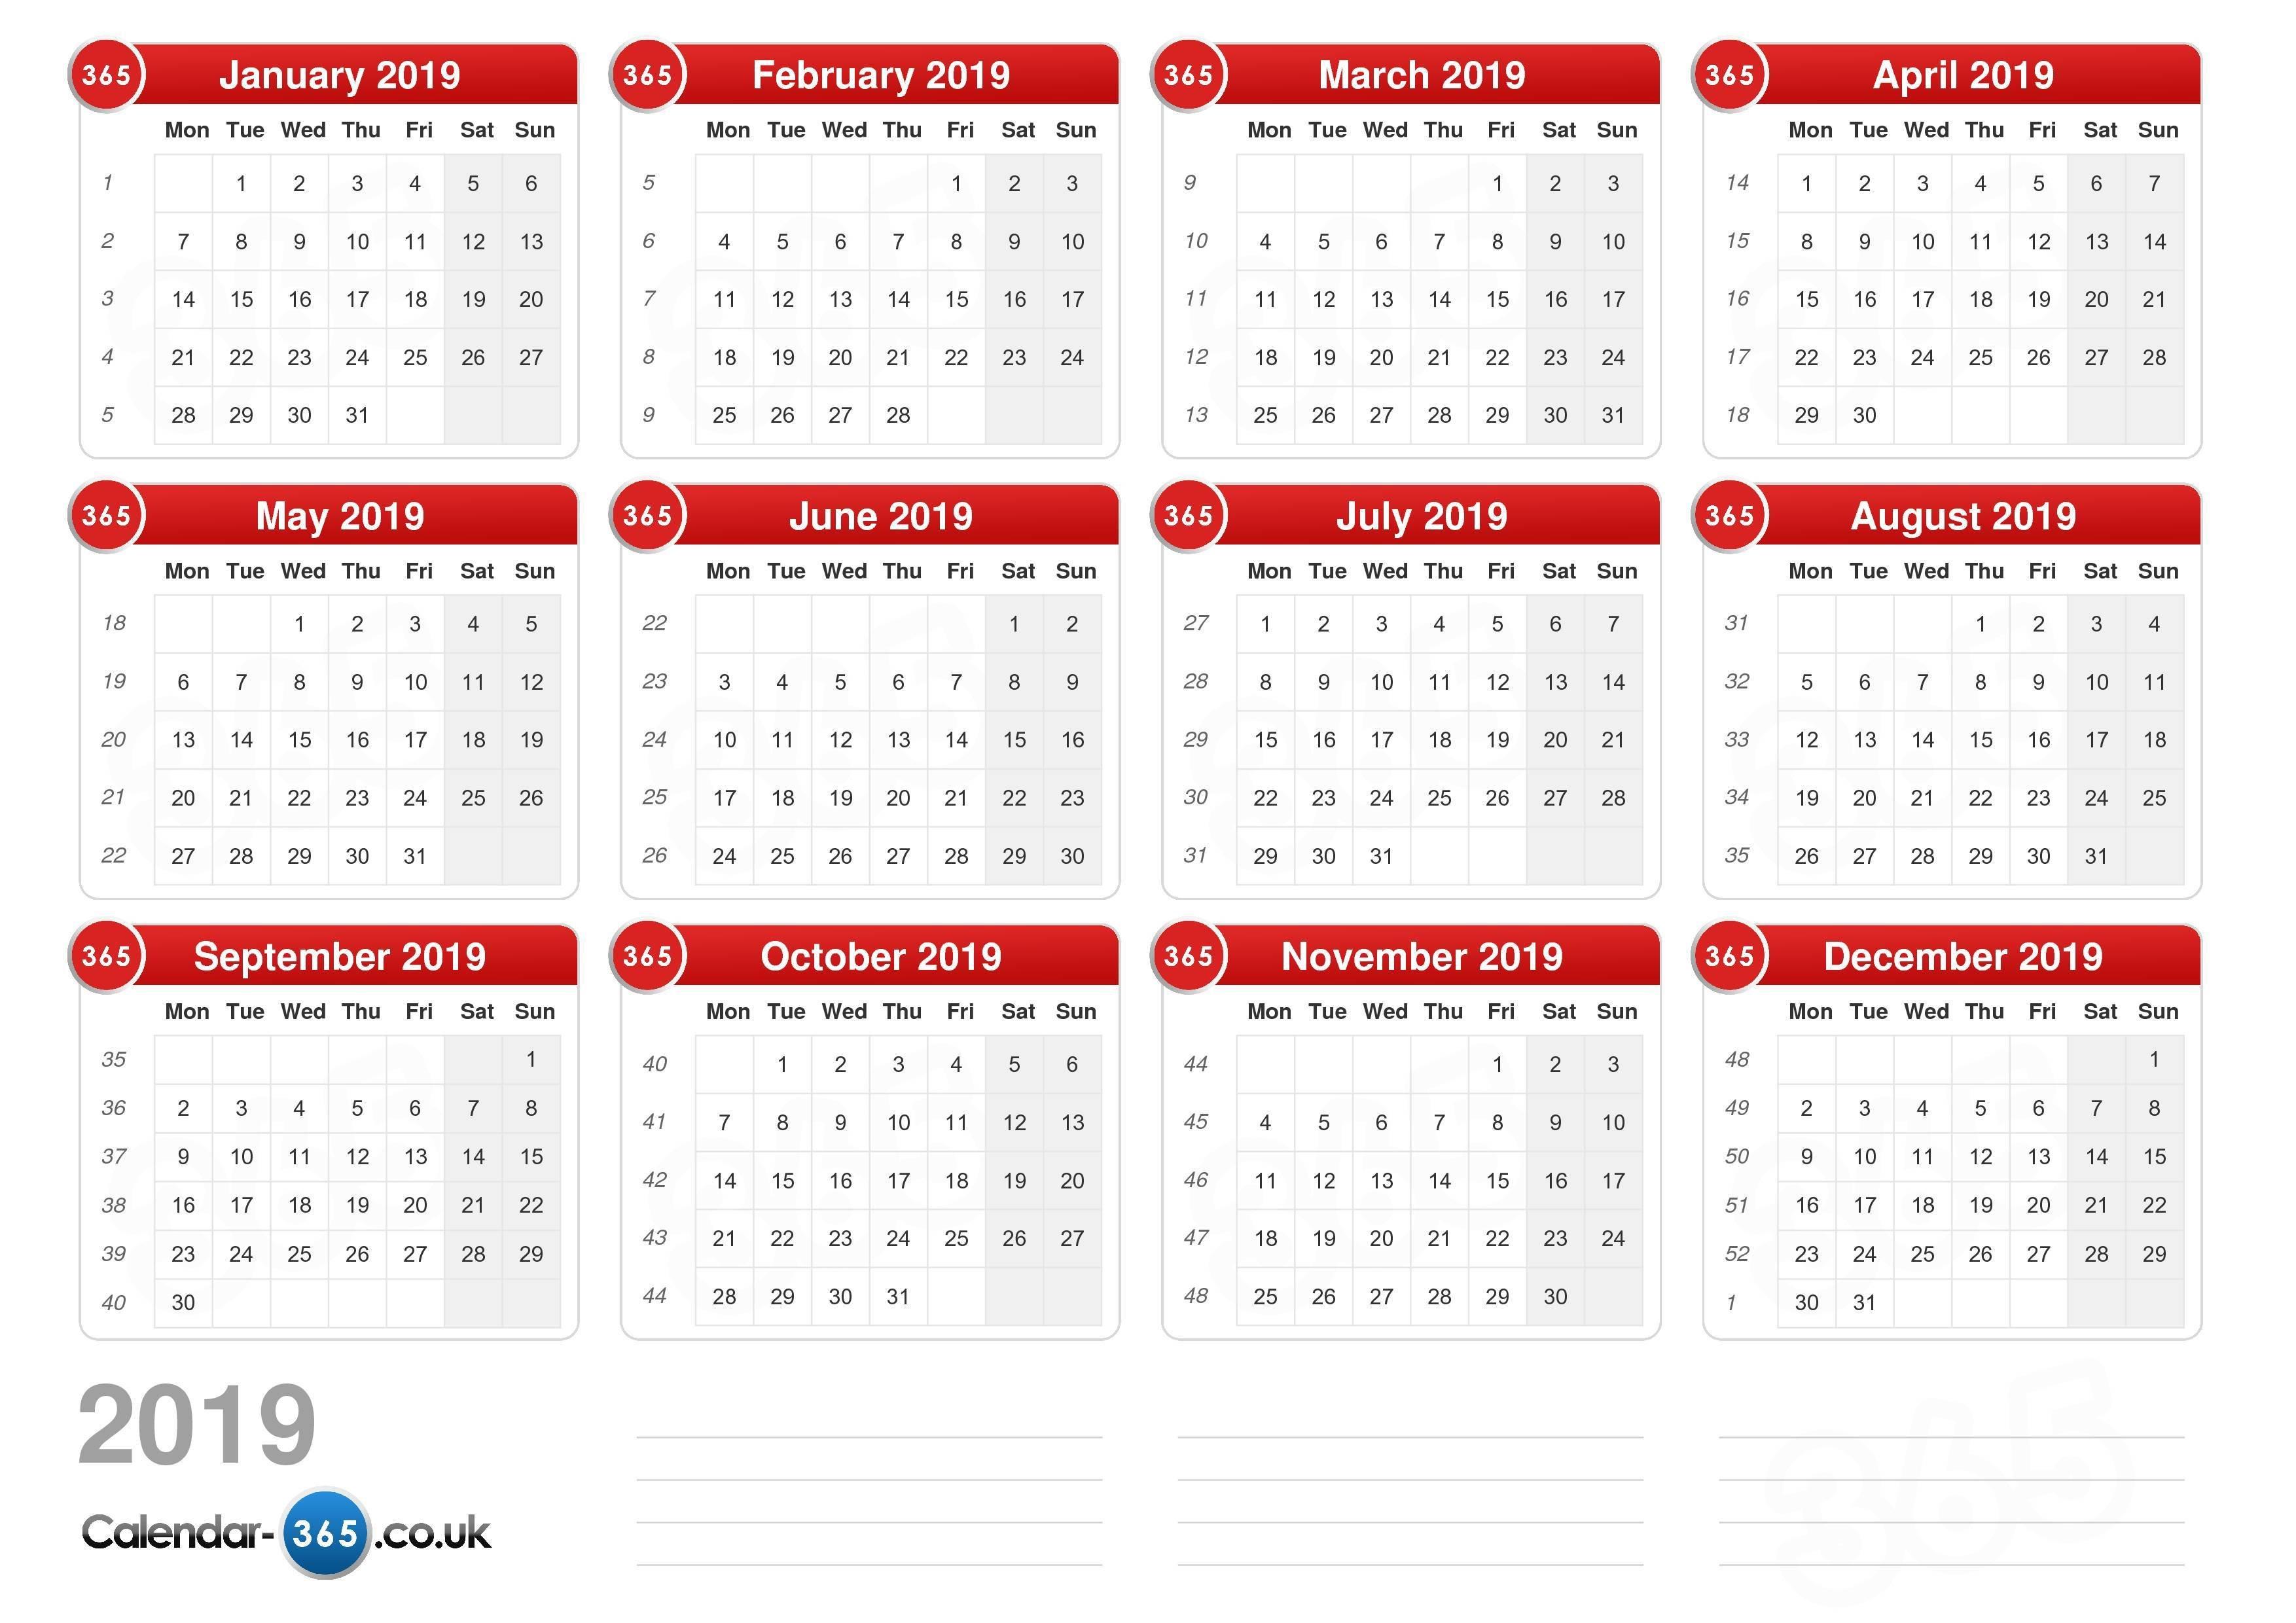 Calendar 2019 Calendar 2019 Online